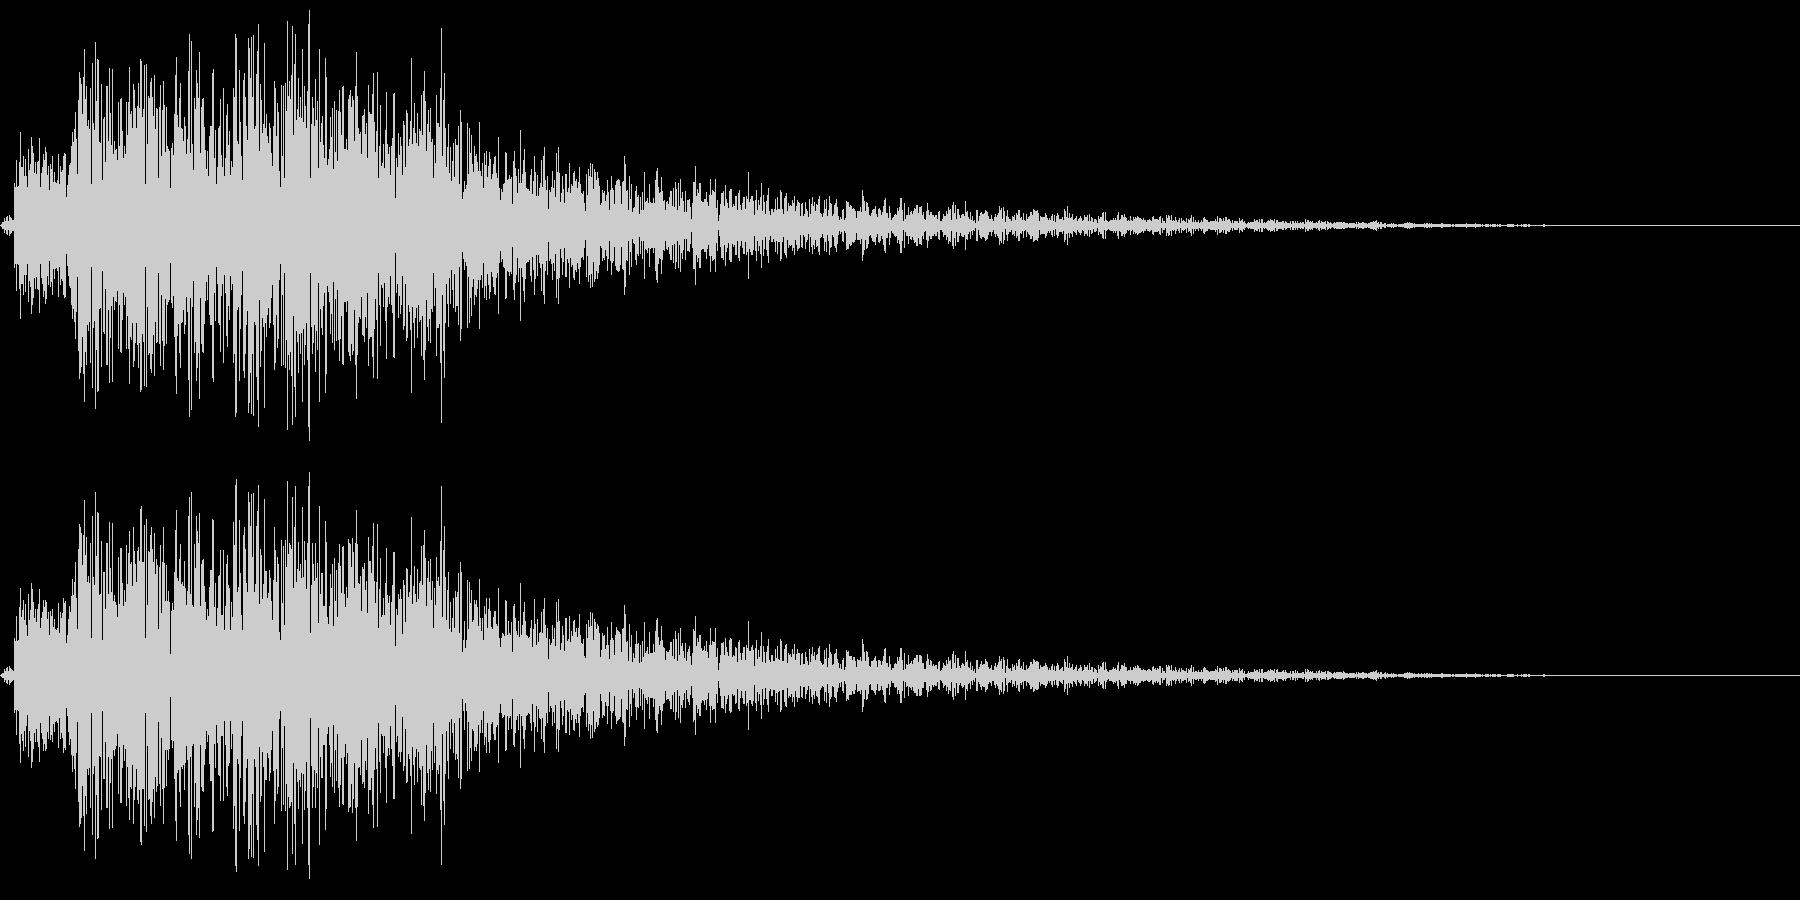 テレレレレン 場面転換の未再生の波形